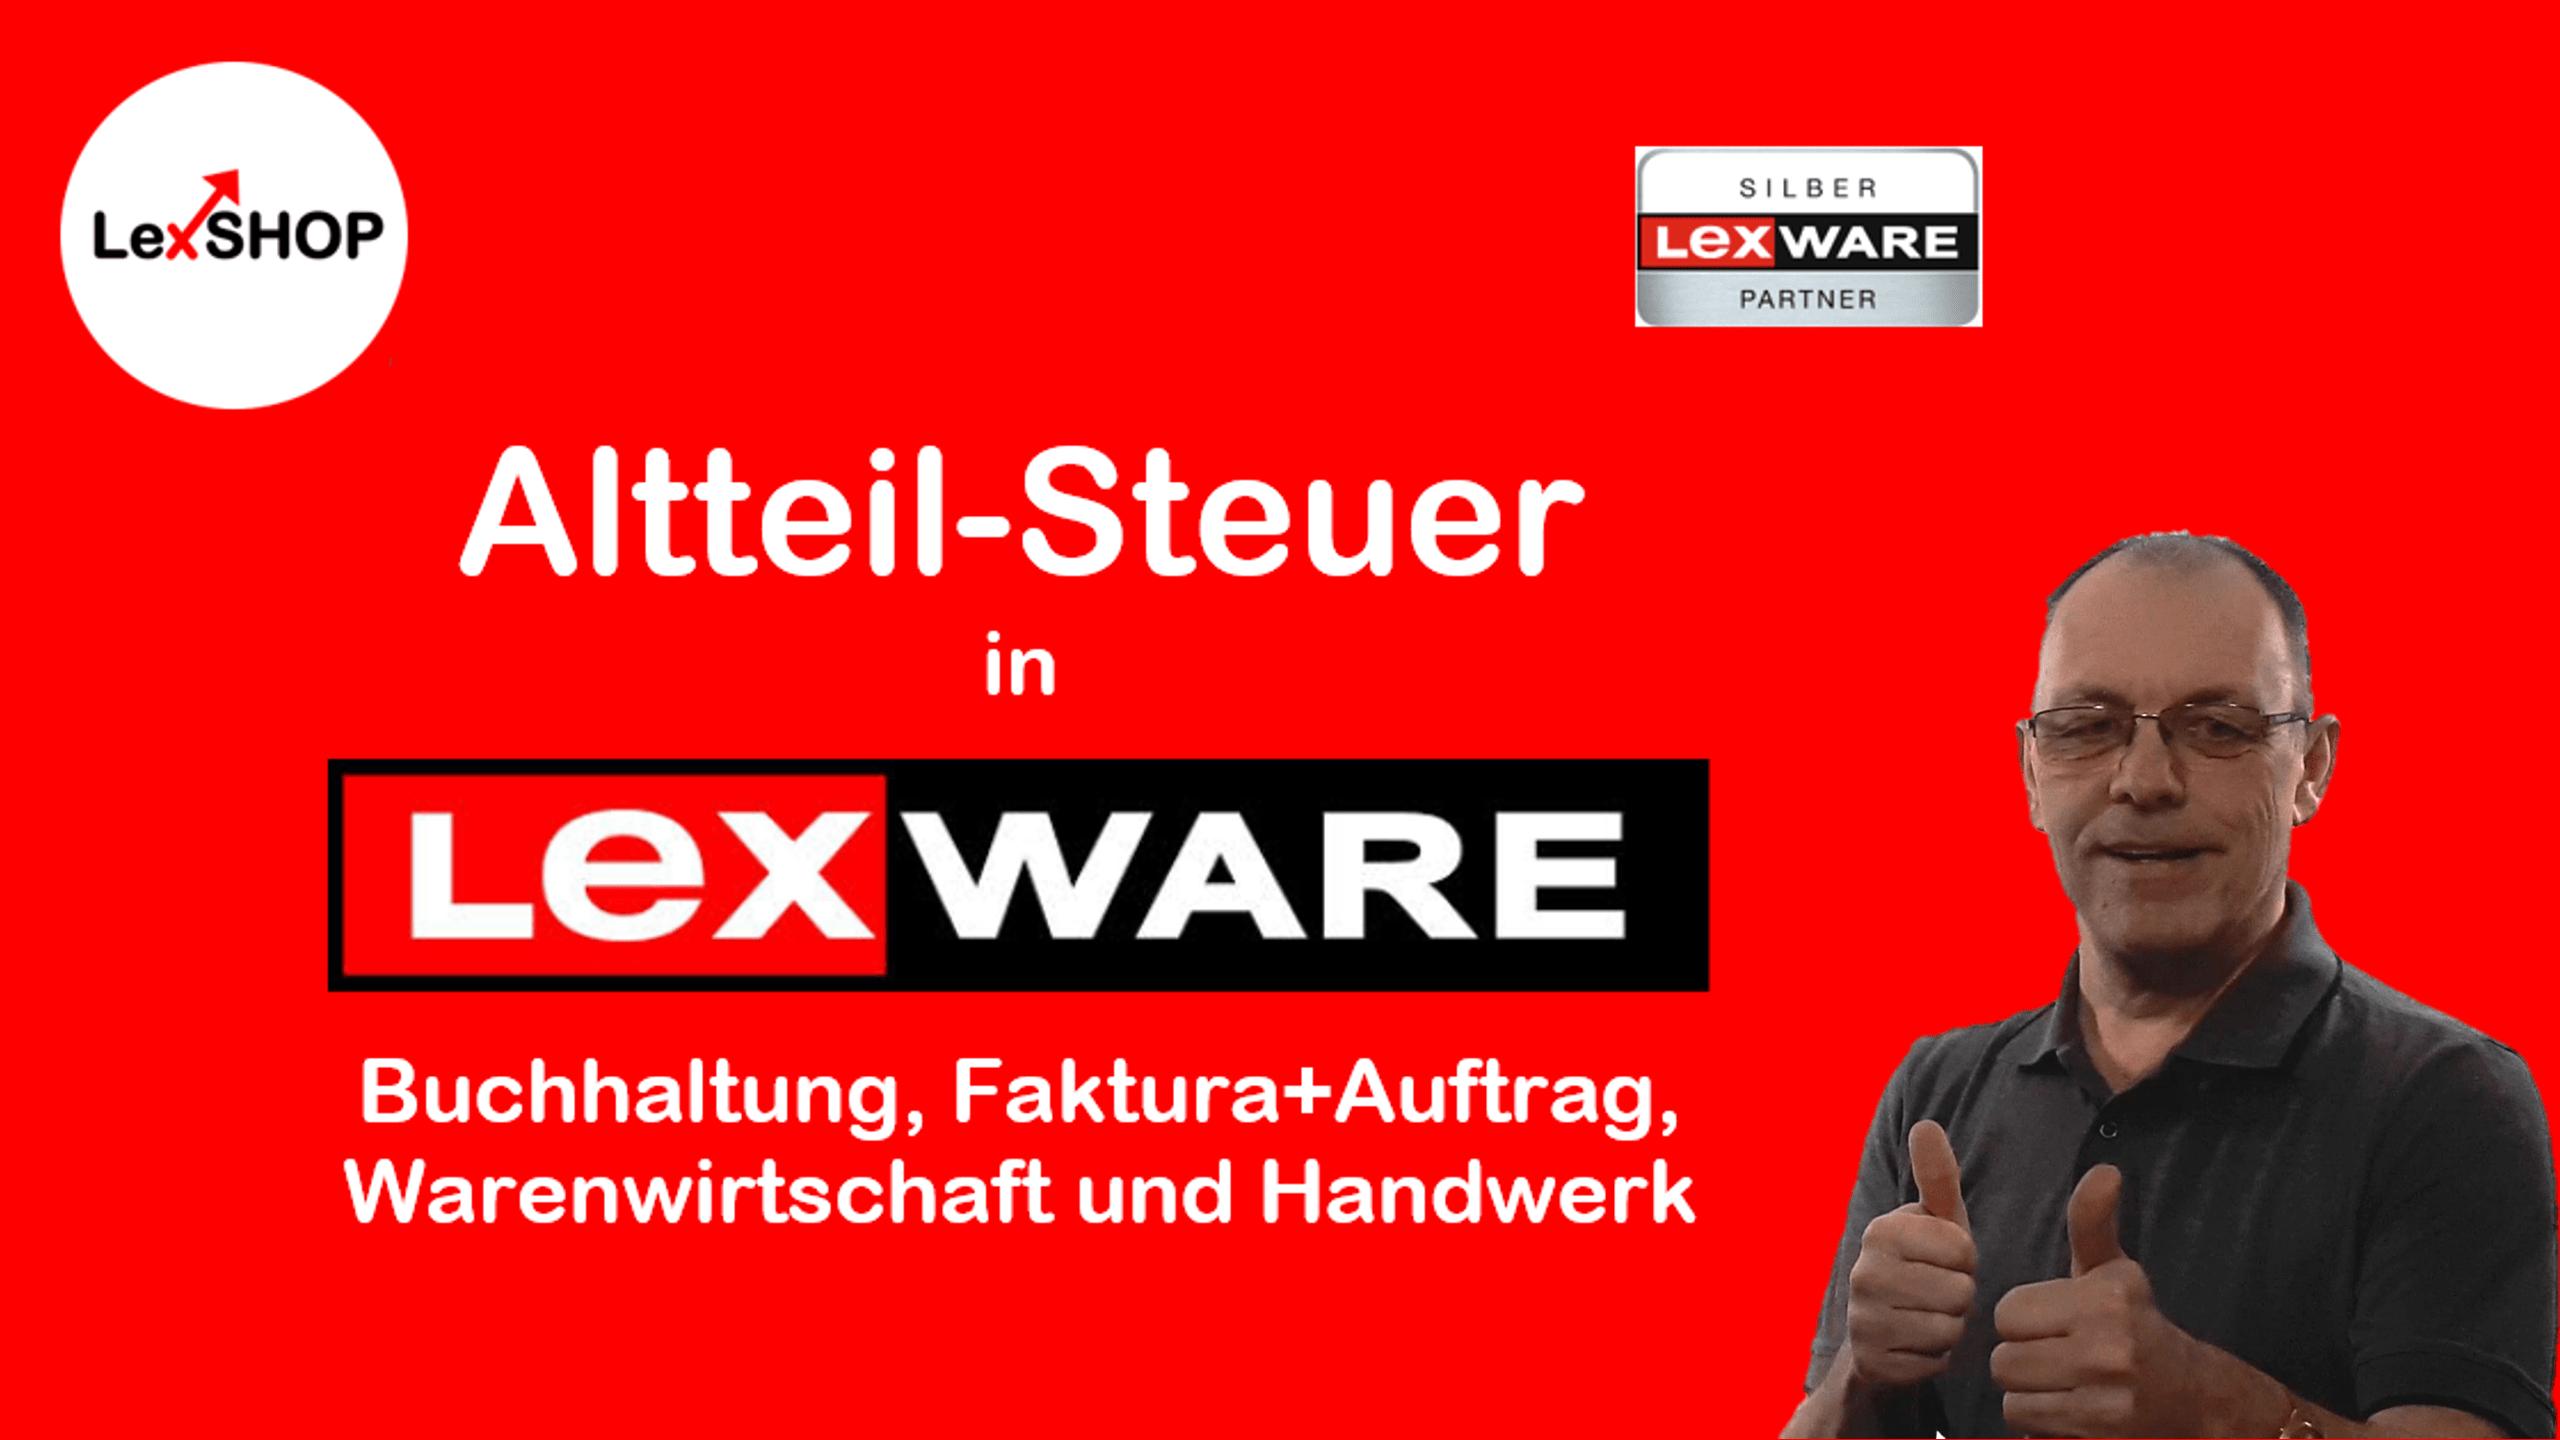 Wie kann man die Altteil-Steuer in Lexware Faktura+Auftrag, Warenwirtschaft und Handwerk einrichten